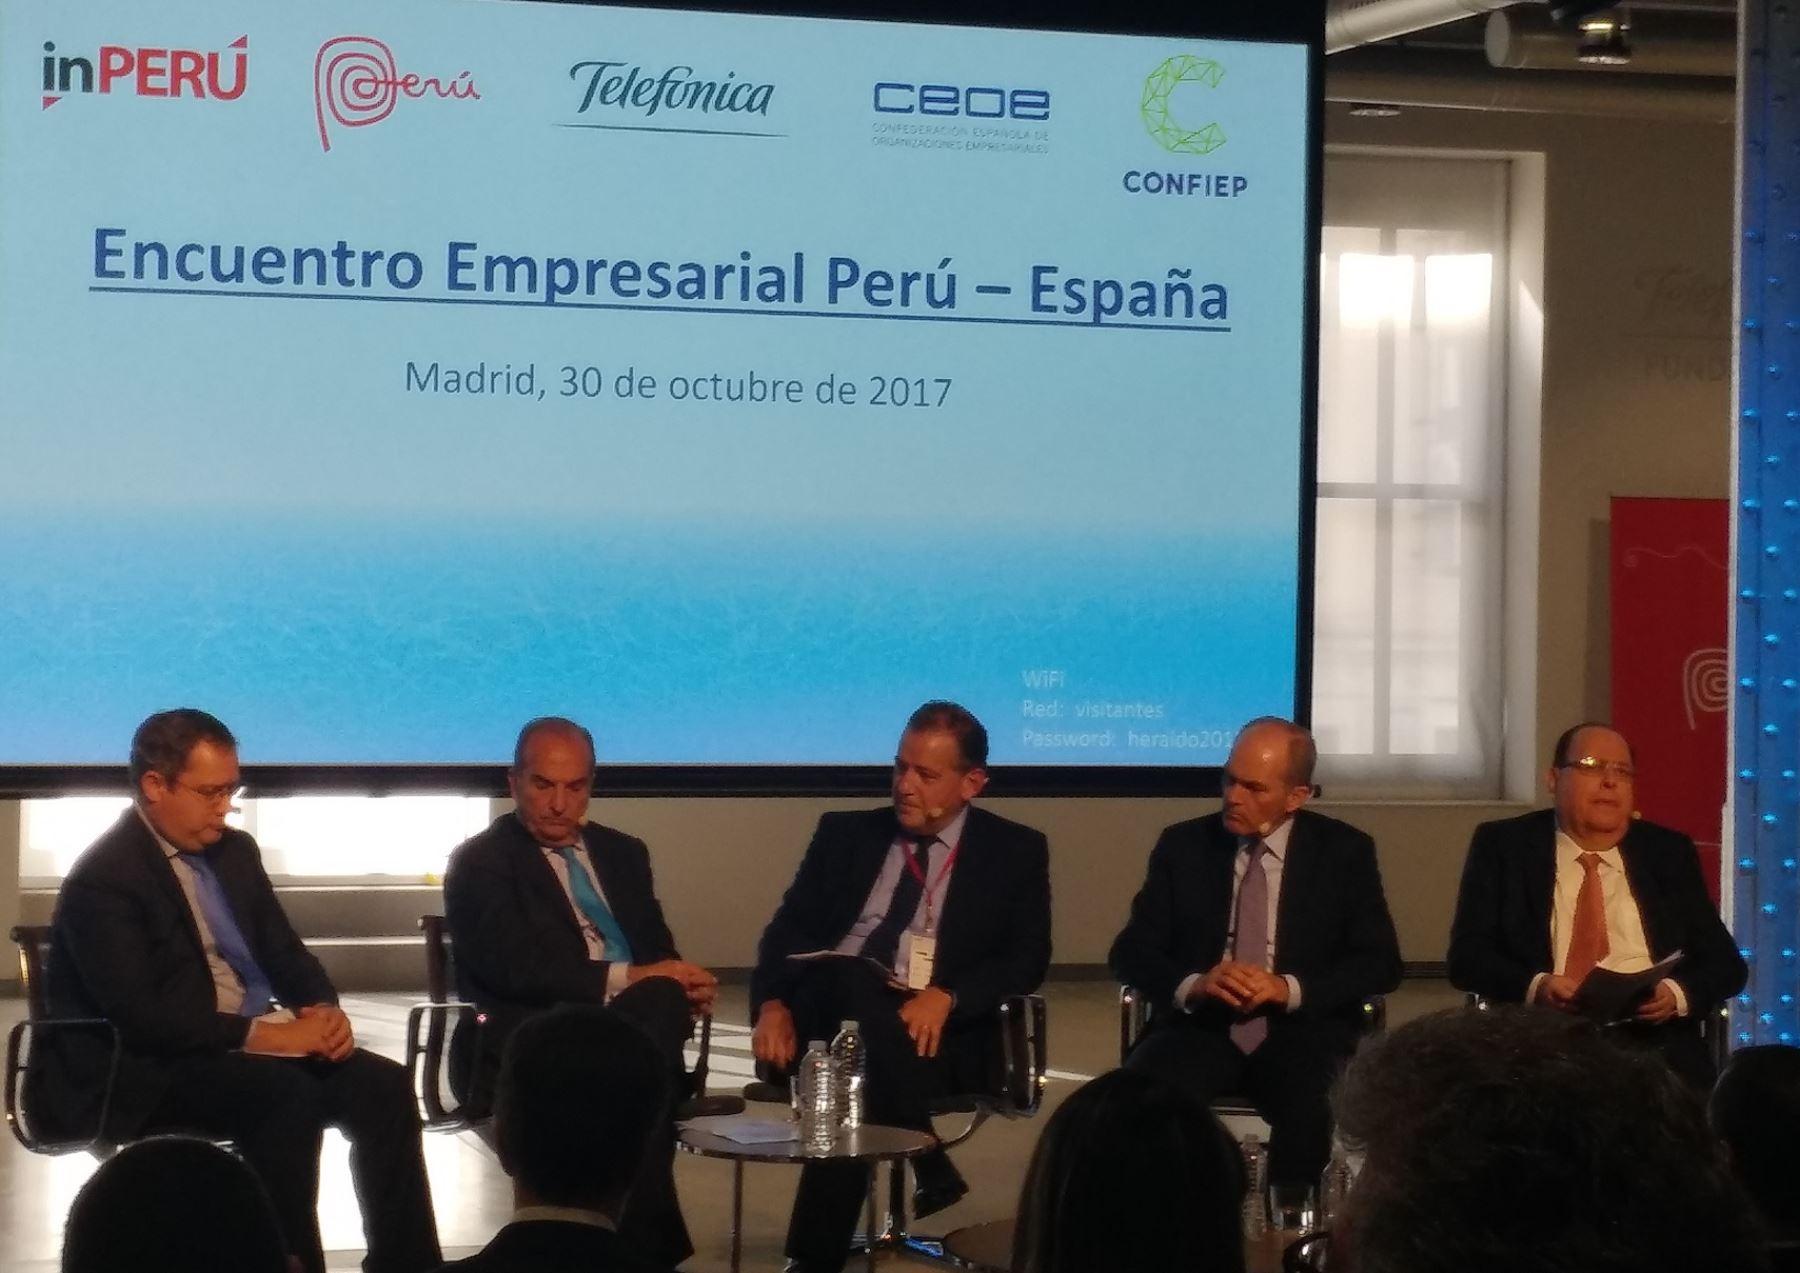 Líderes enpresariales españoles y peruanos en foro para promover inversiones hacia el Perú en Madrid.Foto: Andina.